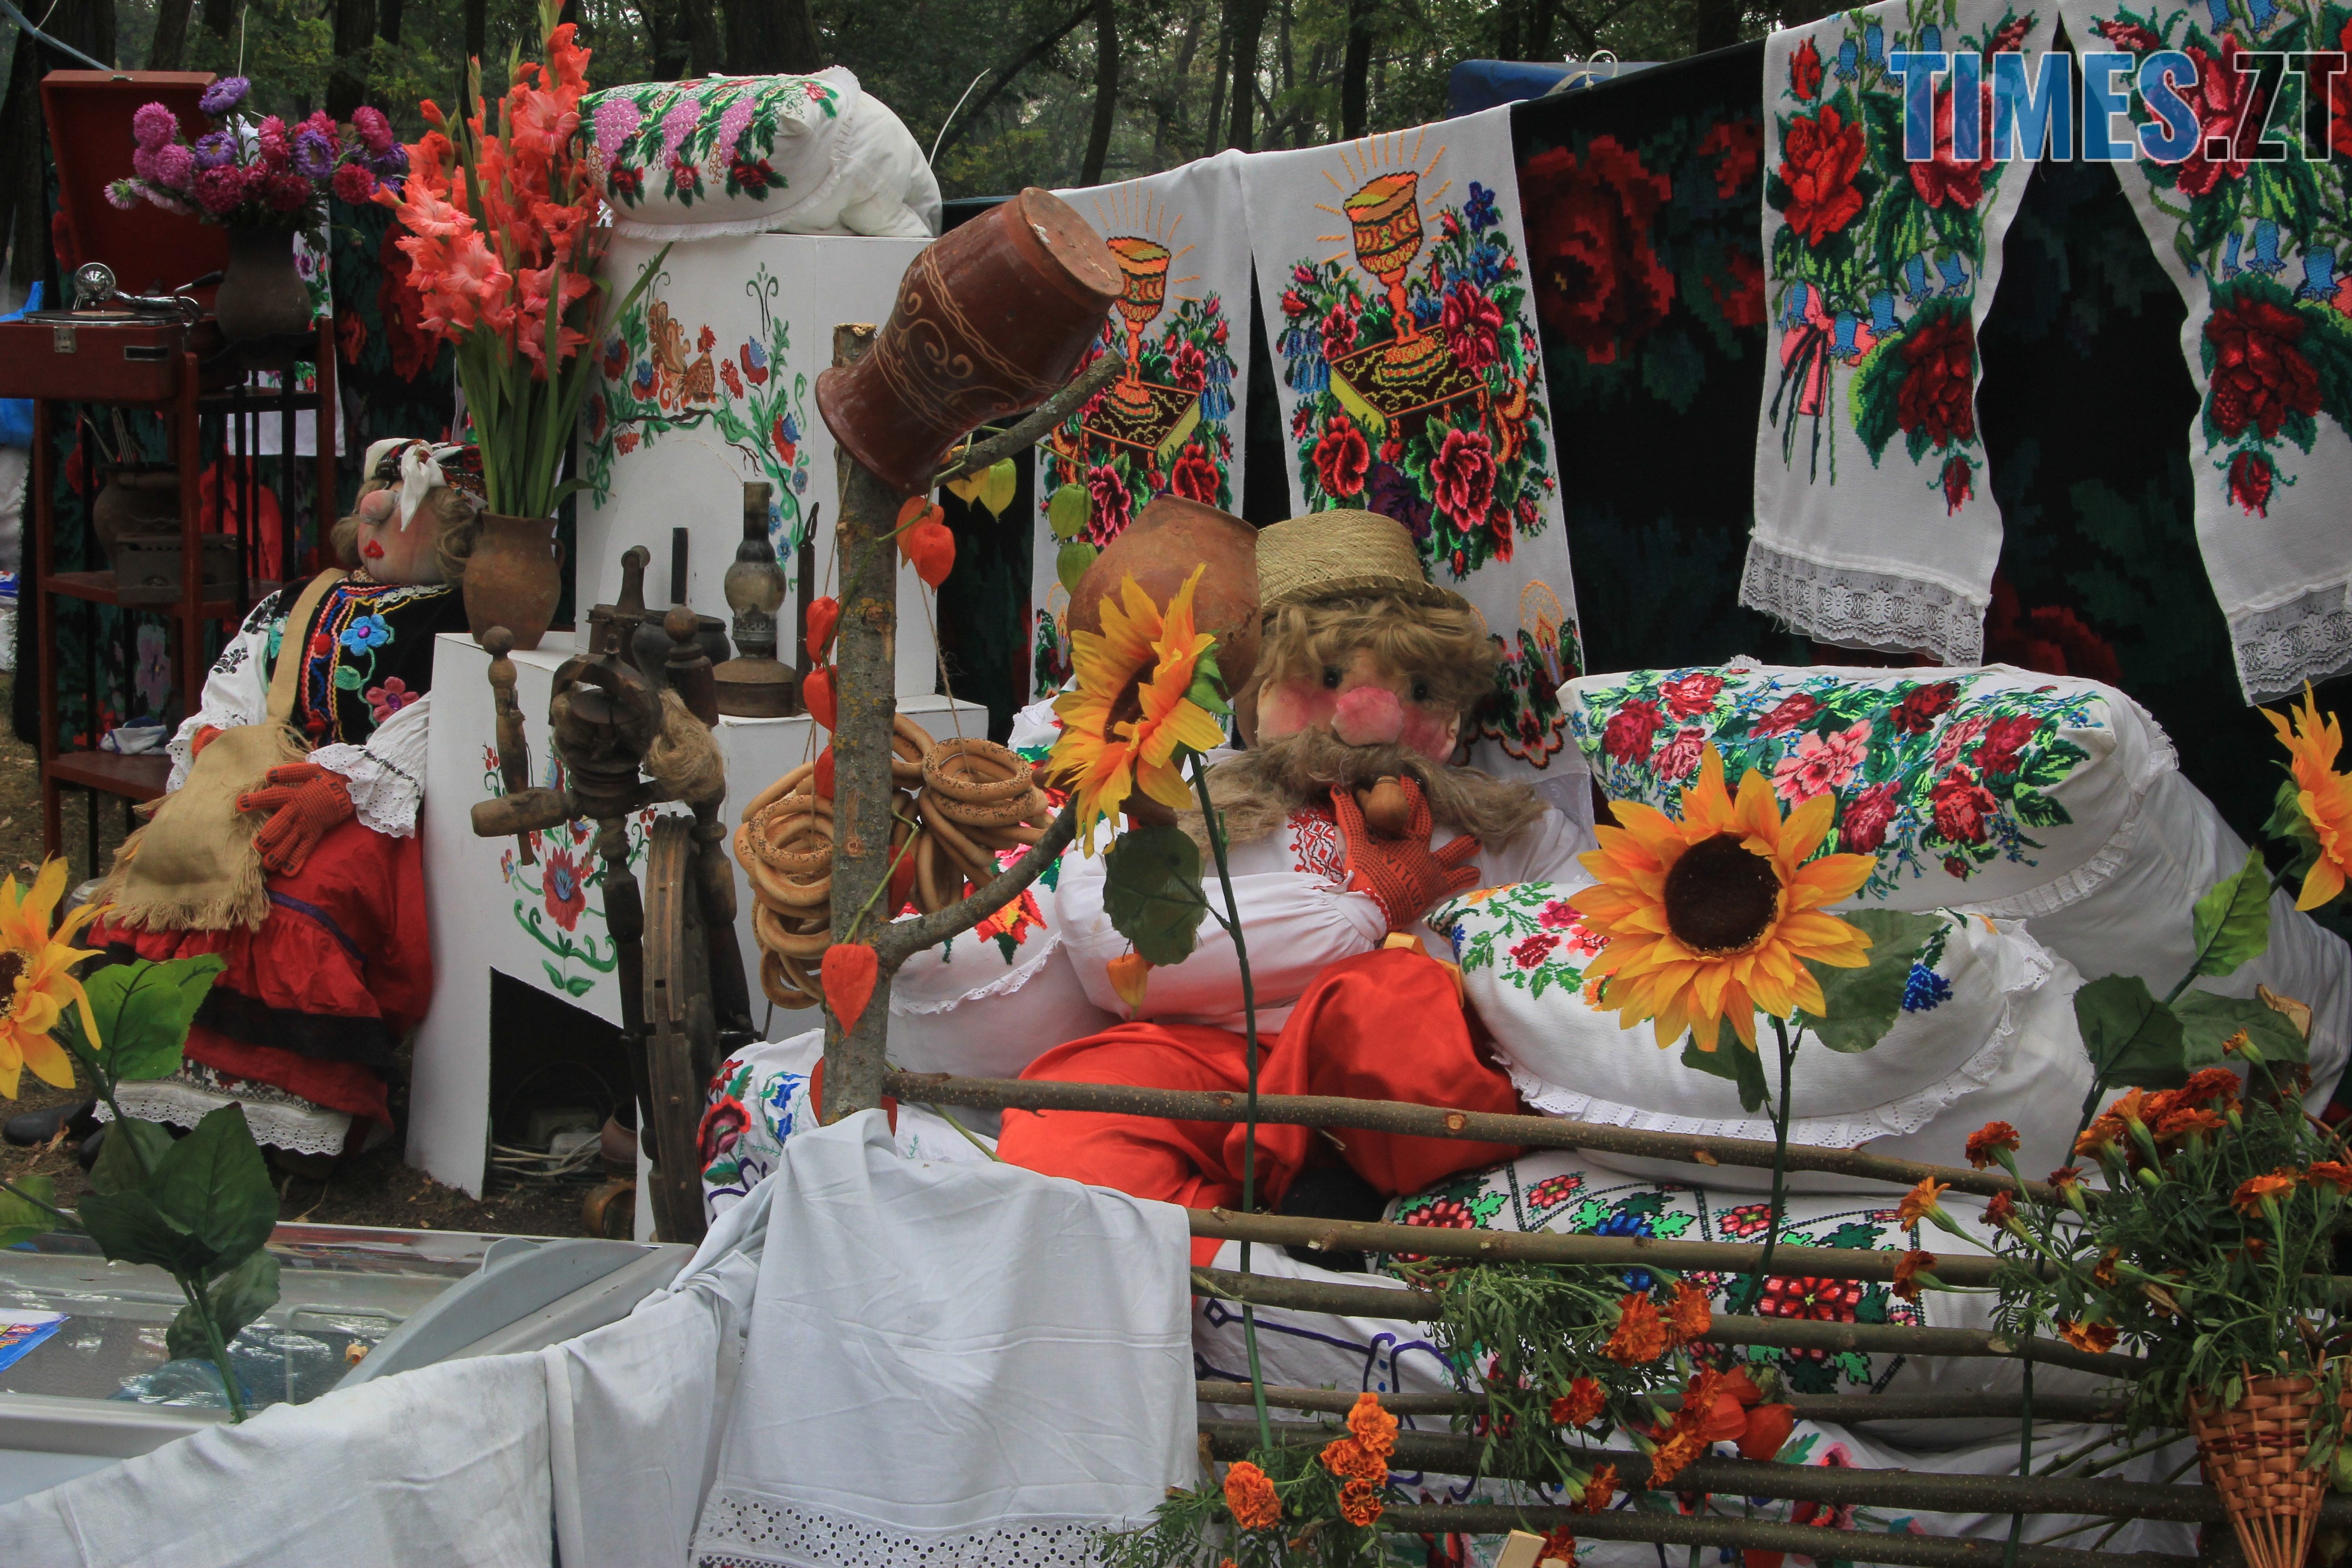 IMG 7551 - Десятий фестиваль дерунів: насмажили чимало, показали найбільшого в країні і побили ним всі рекорди (ФОТОРЕПОРТАЖ)